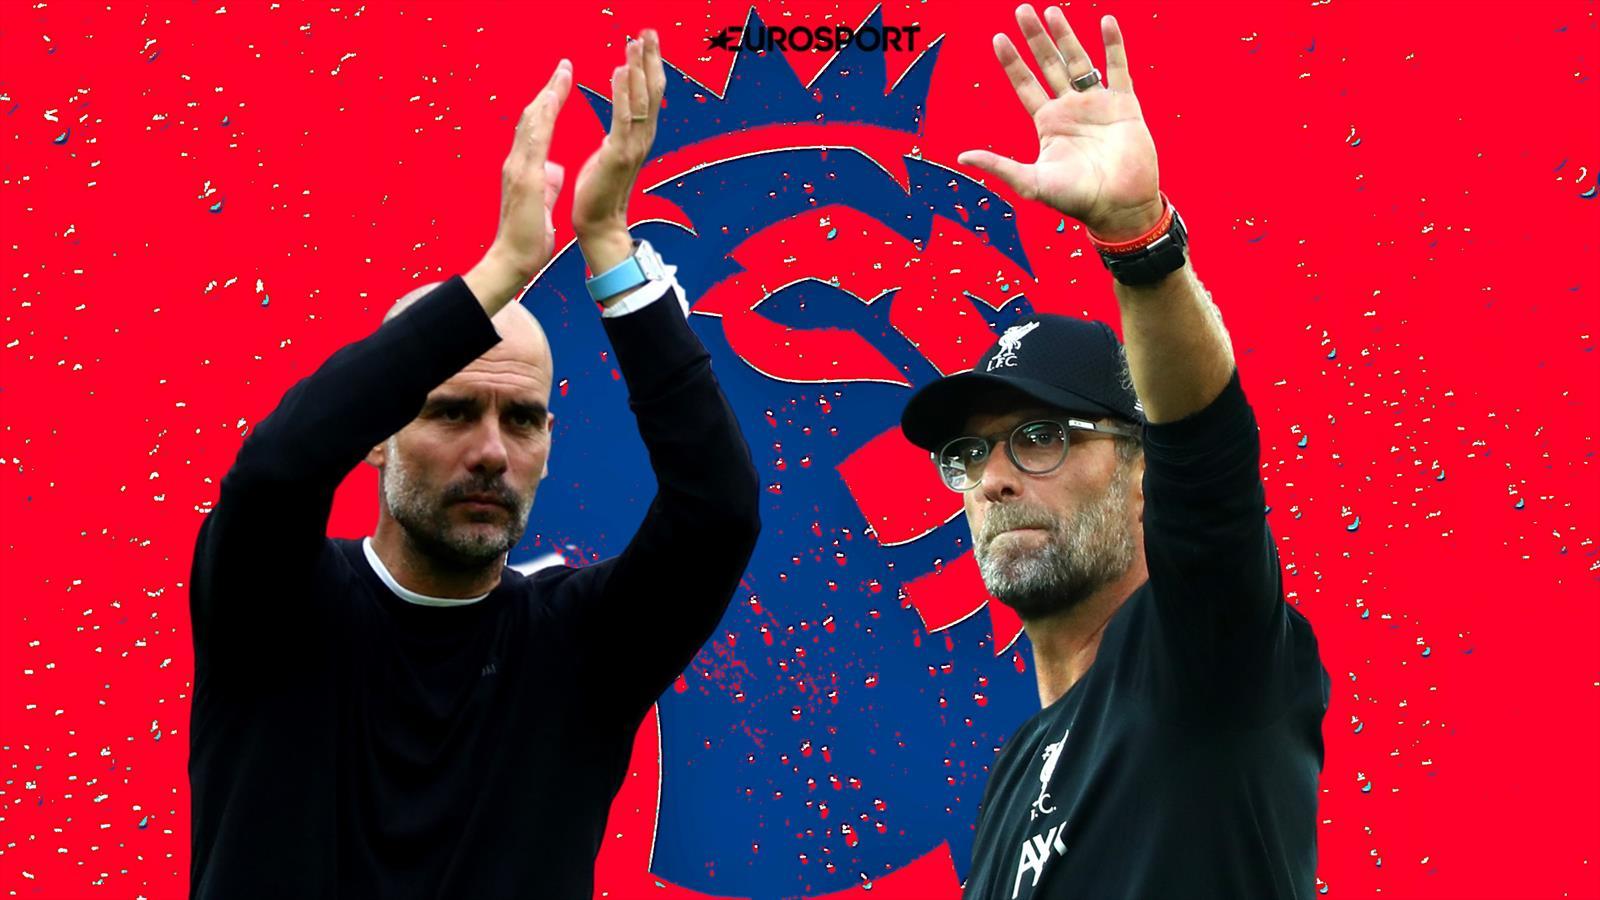 Тренер «Ливерпуля» Юрген Клопп и босс «Манчестер Сити» Пеп Гвардиола намекают на завершение карьер